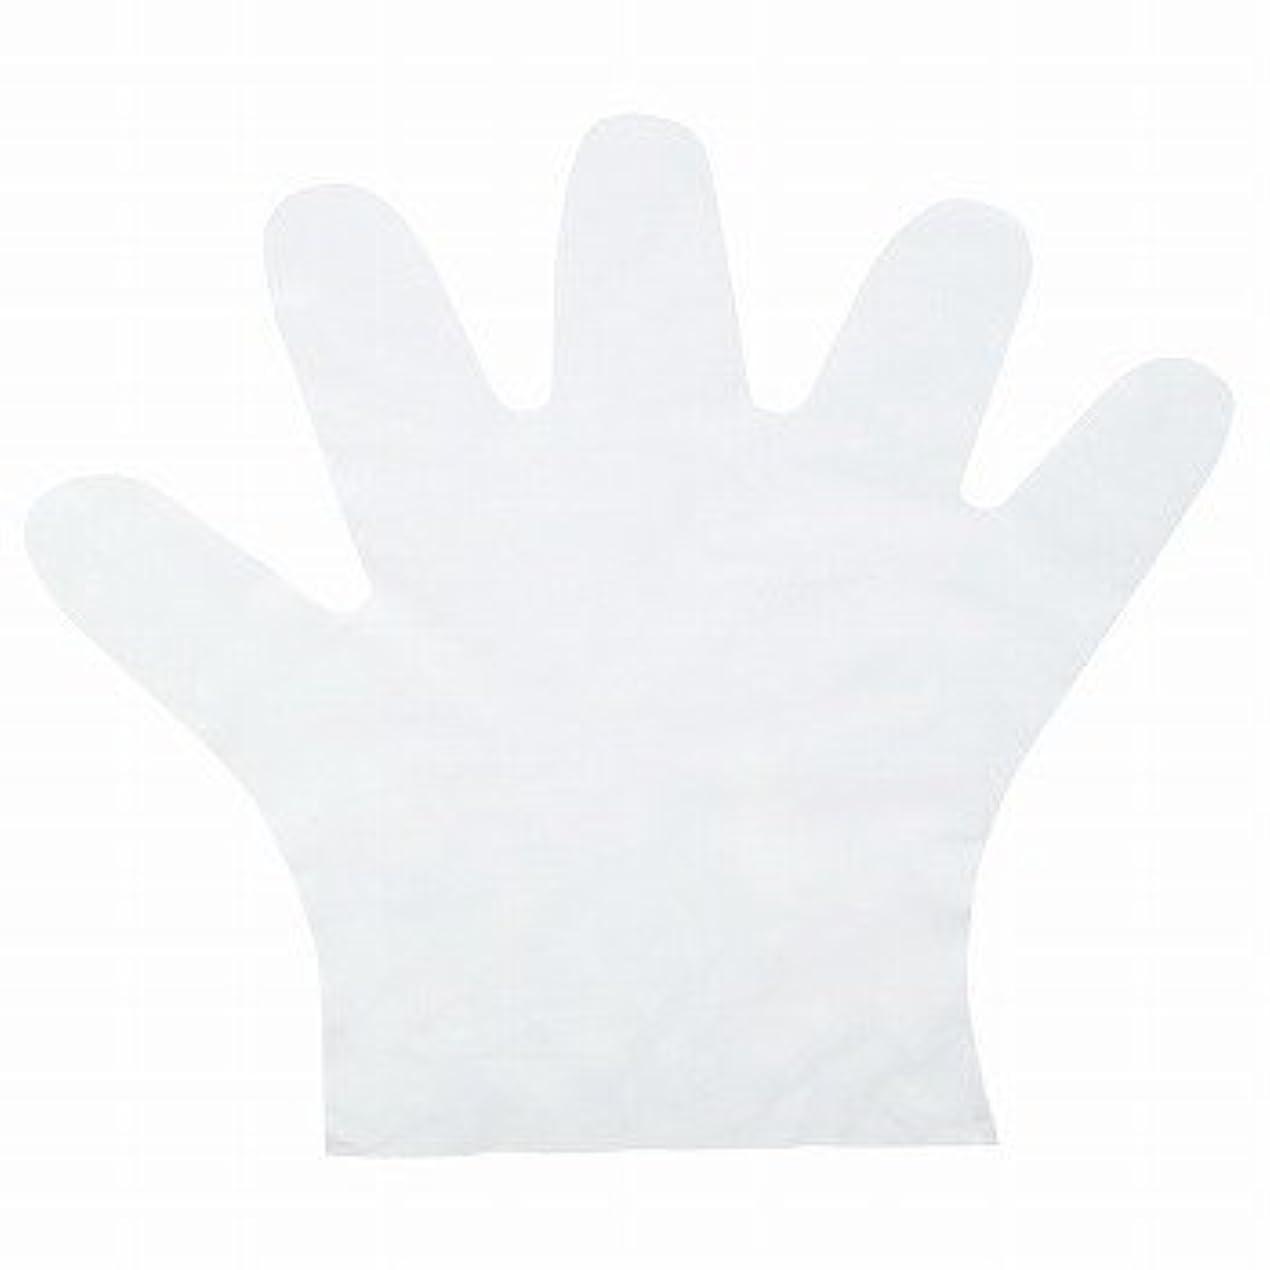 友だち是正に向けて出発おたふく手袋/ポリエチディスポ(LD) [100枚入]/品番:248 サイズ:M